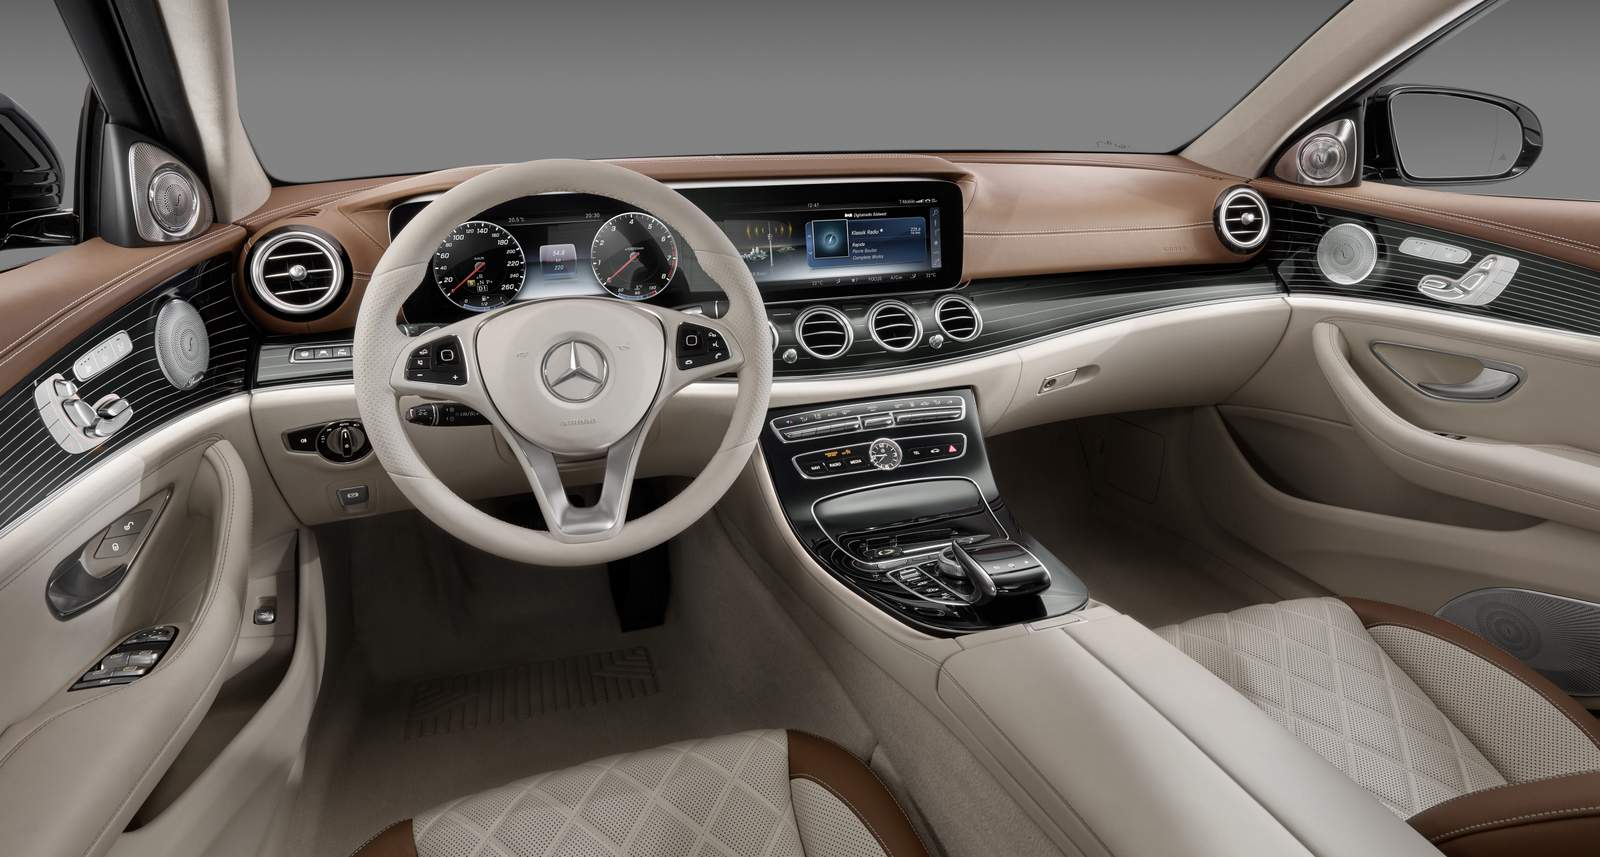 Mercedes-Benz Classe E 2017